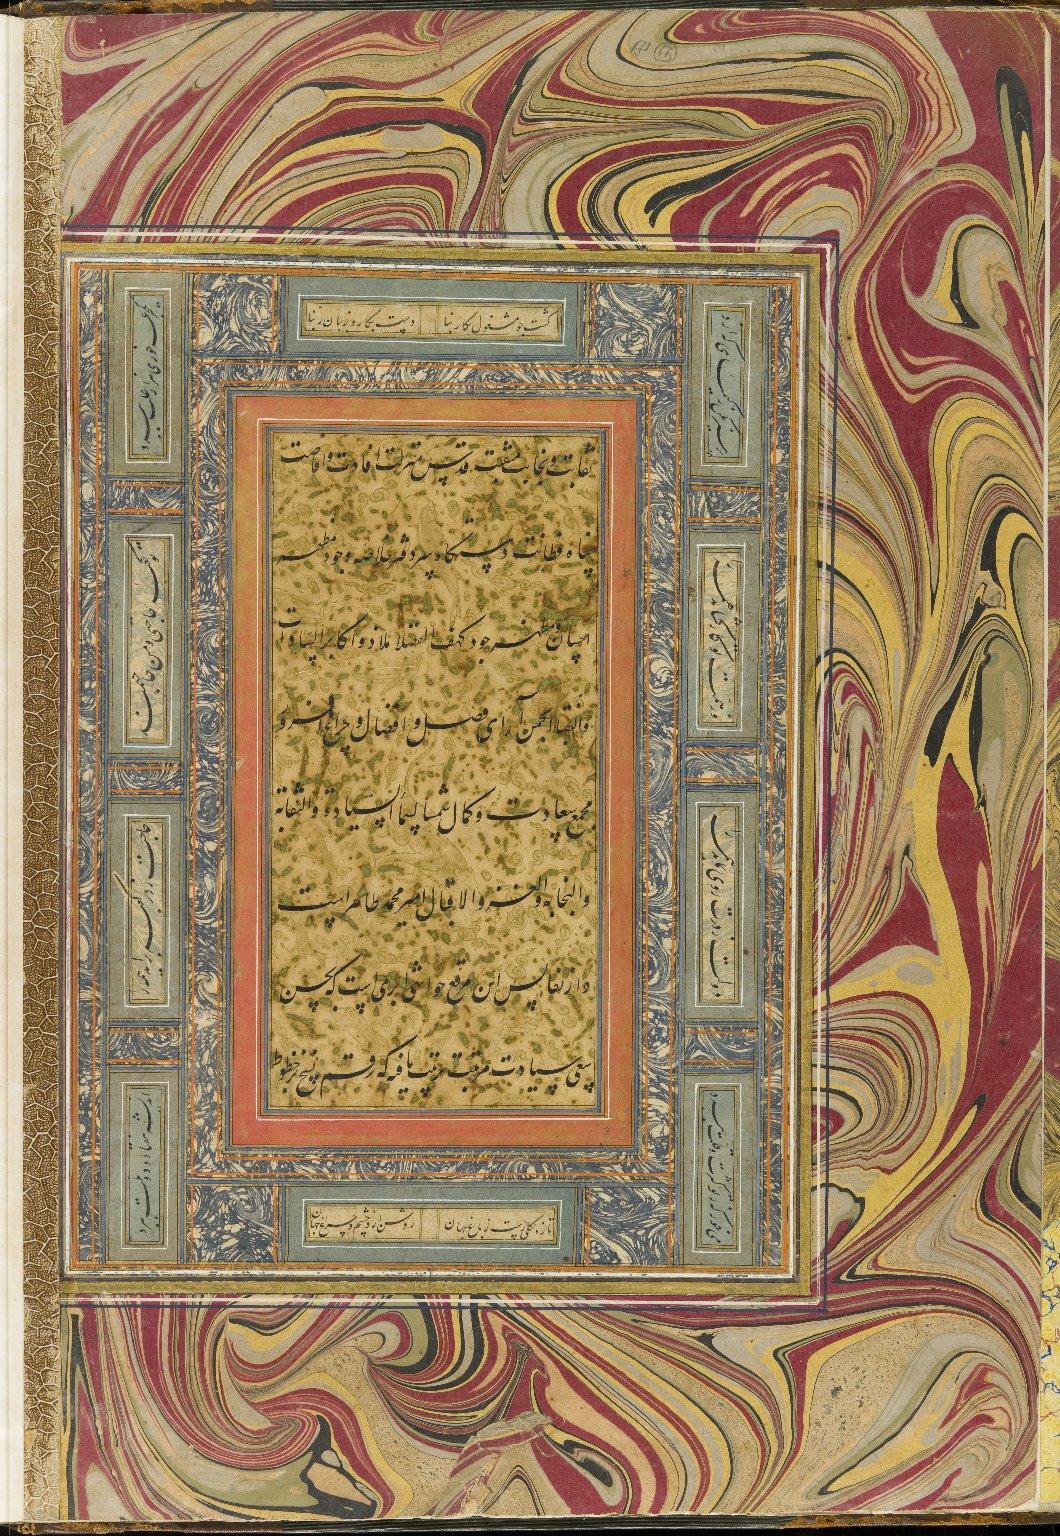 5. Kush khati